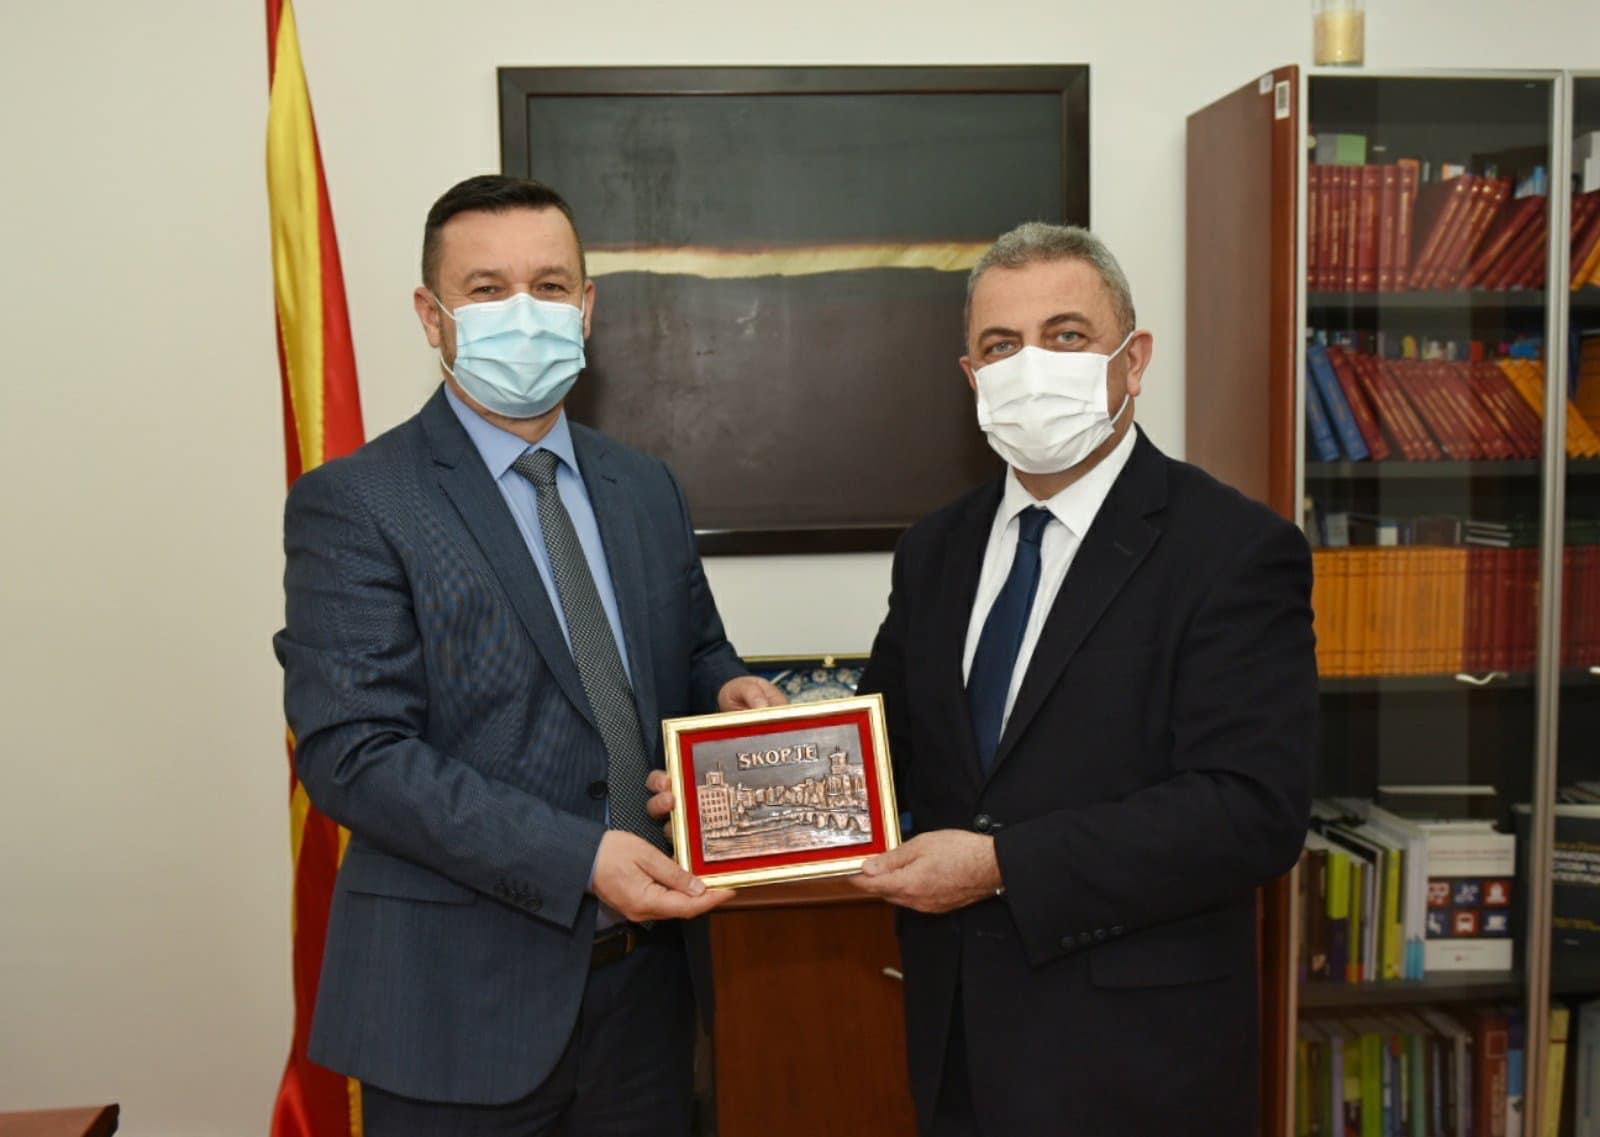 YTB Başkan Yardımcısı Yusuf'tan, ÇSP Bakan Yardımcısı Hüseyin'e ziyaret